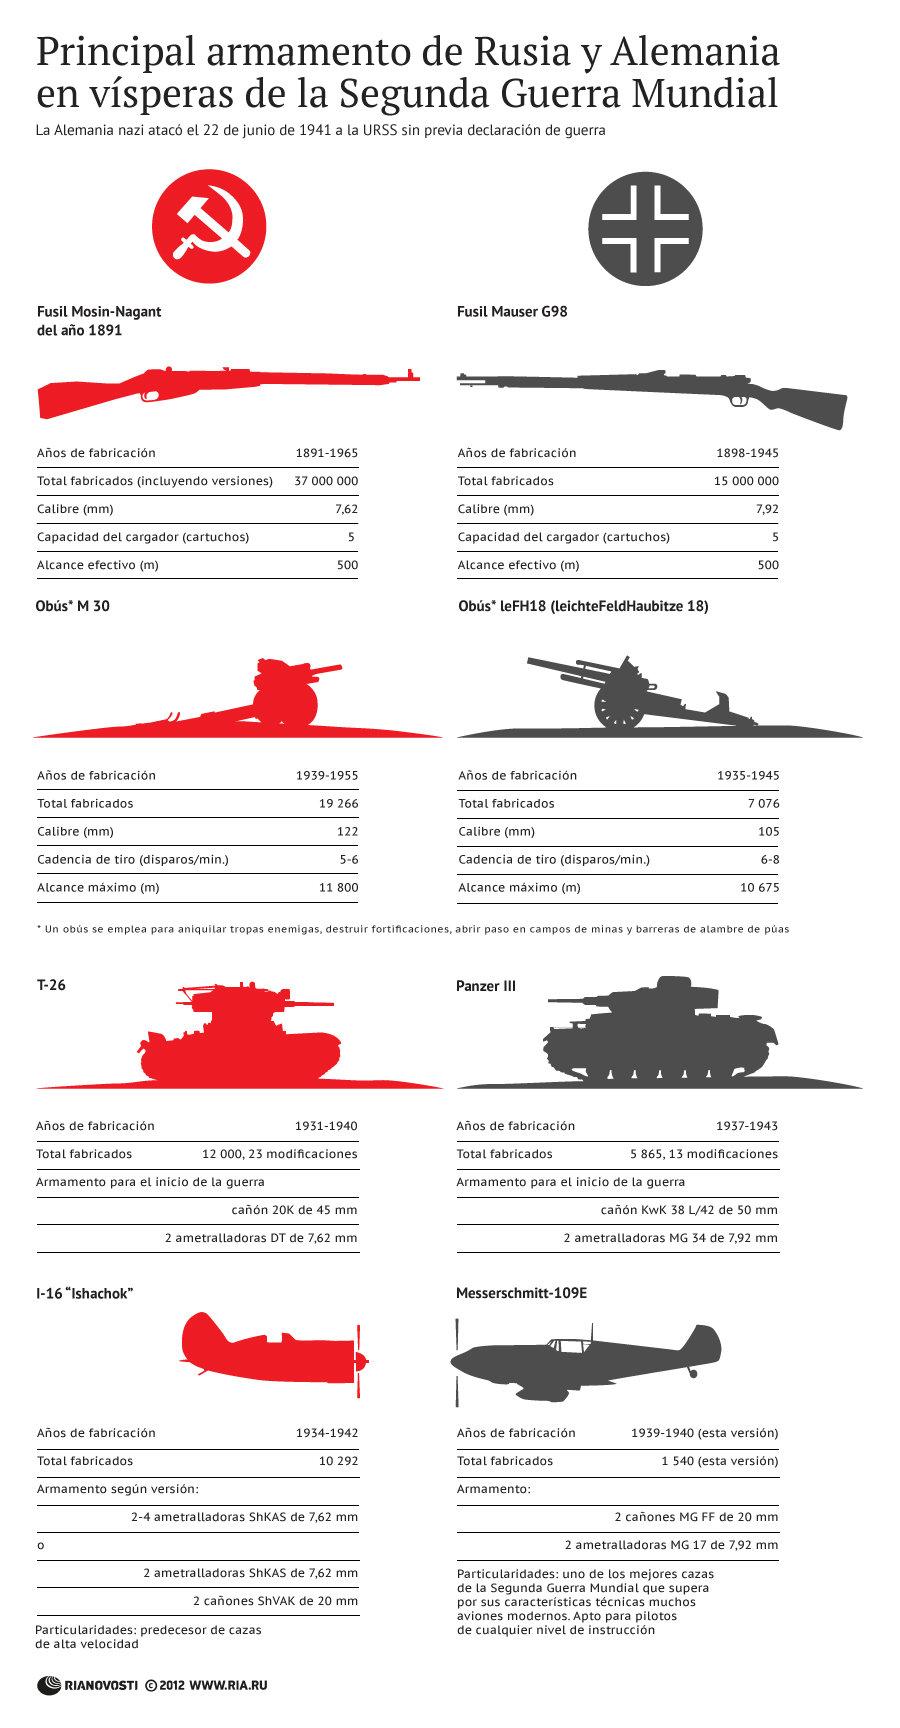 Principal armamento de Rusia y Alemania en vísperas de la Segunda Guerra Mundial